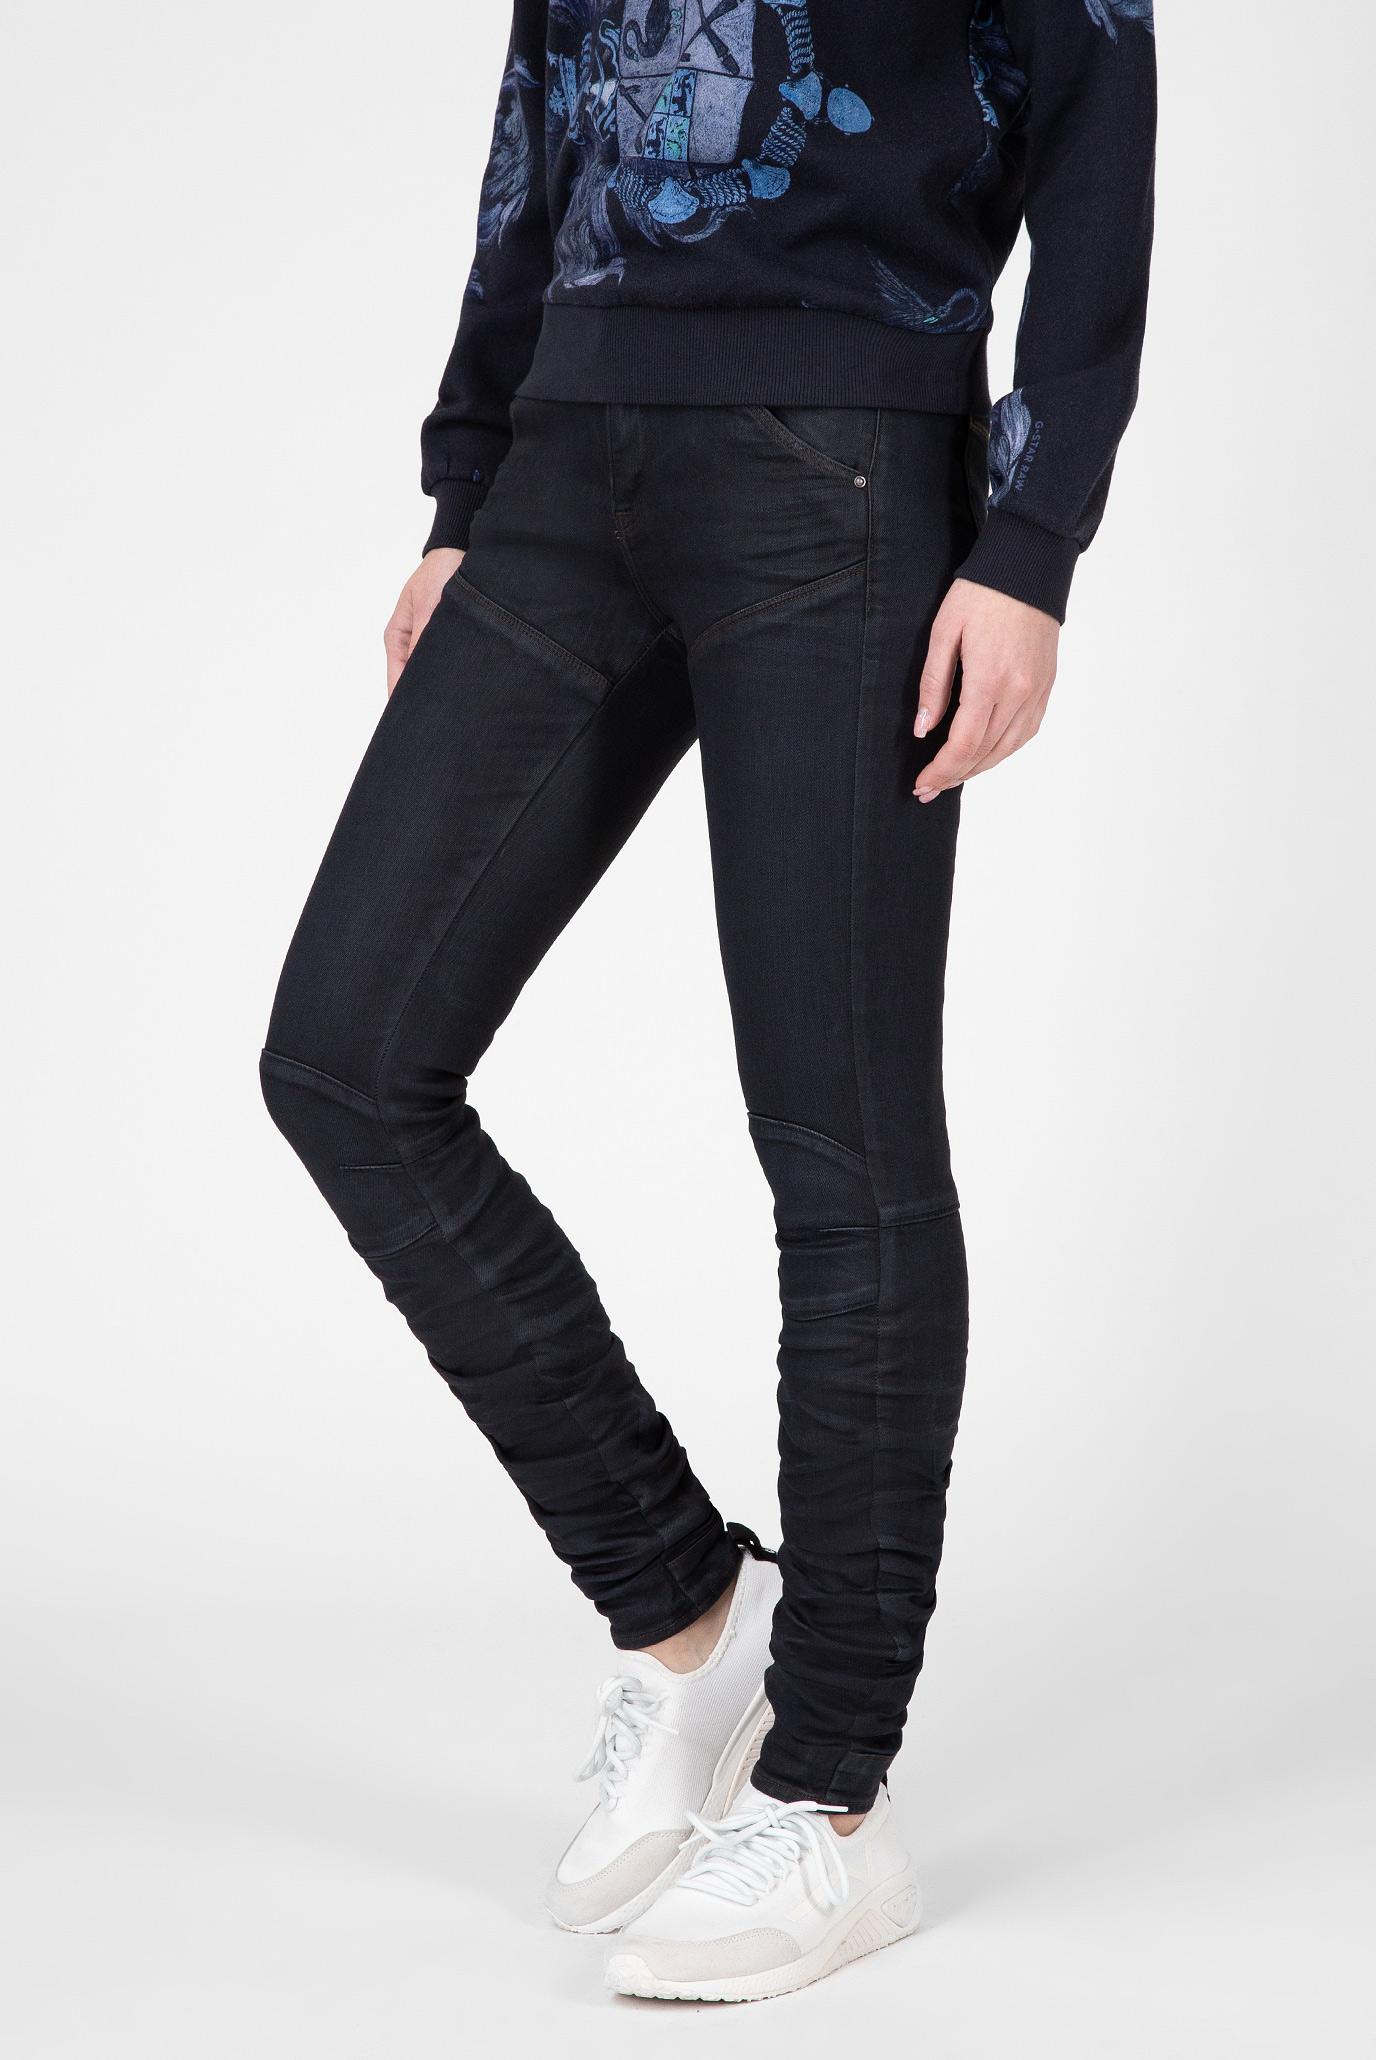 Купить Женские темно-синие джинсы 5620 G-Star RAW G-Star RAW D06194,8968 – Киев, Украина. Цены в интернет магазине MD Fashion